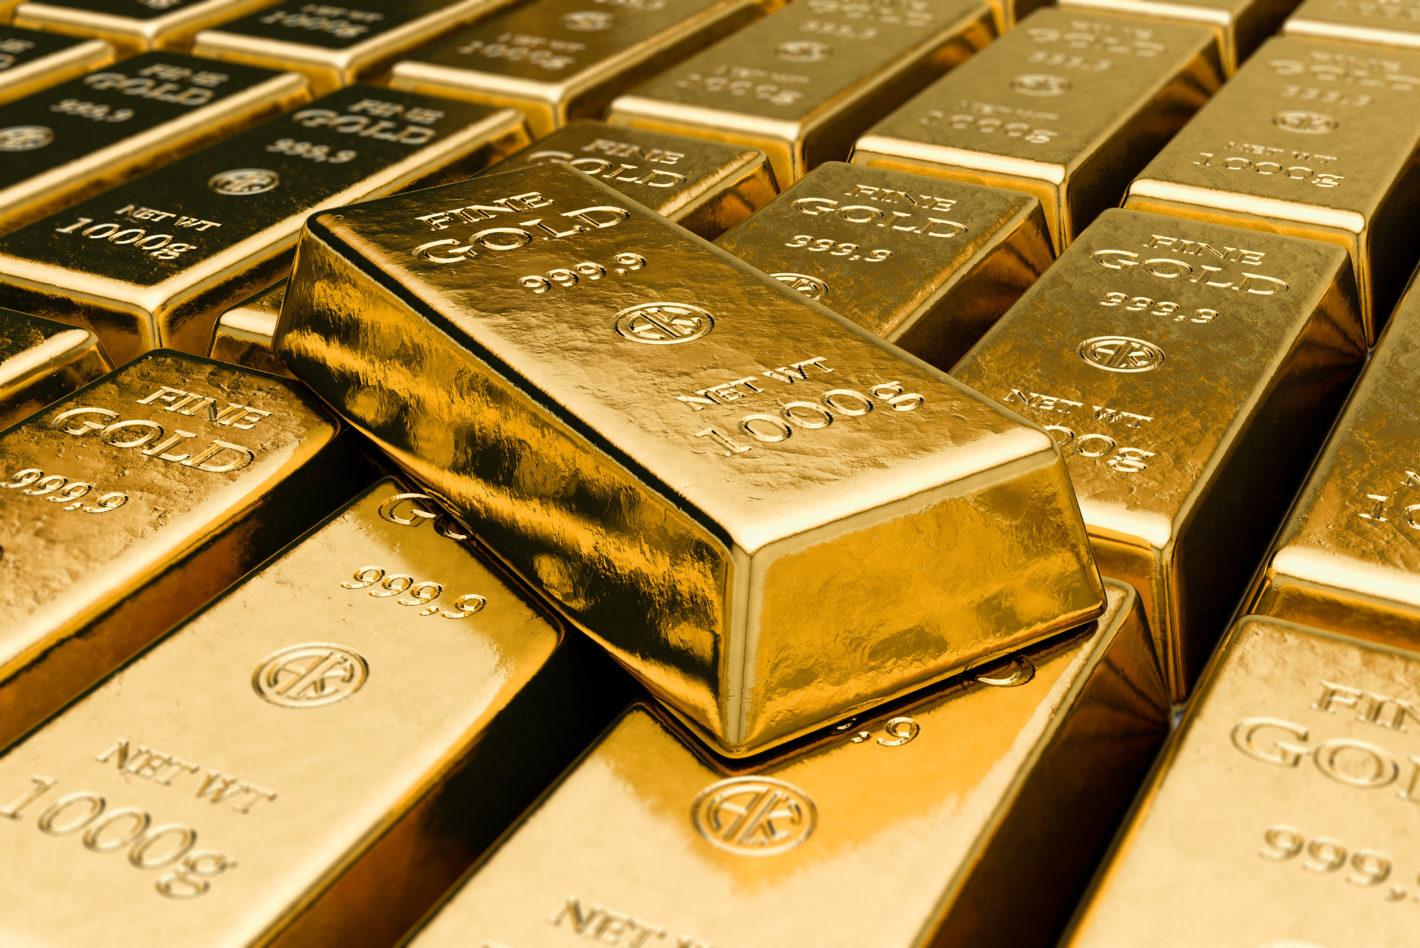 Goldpreisentwicklung 2020: Auf zu neuen Höhen?